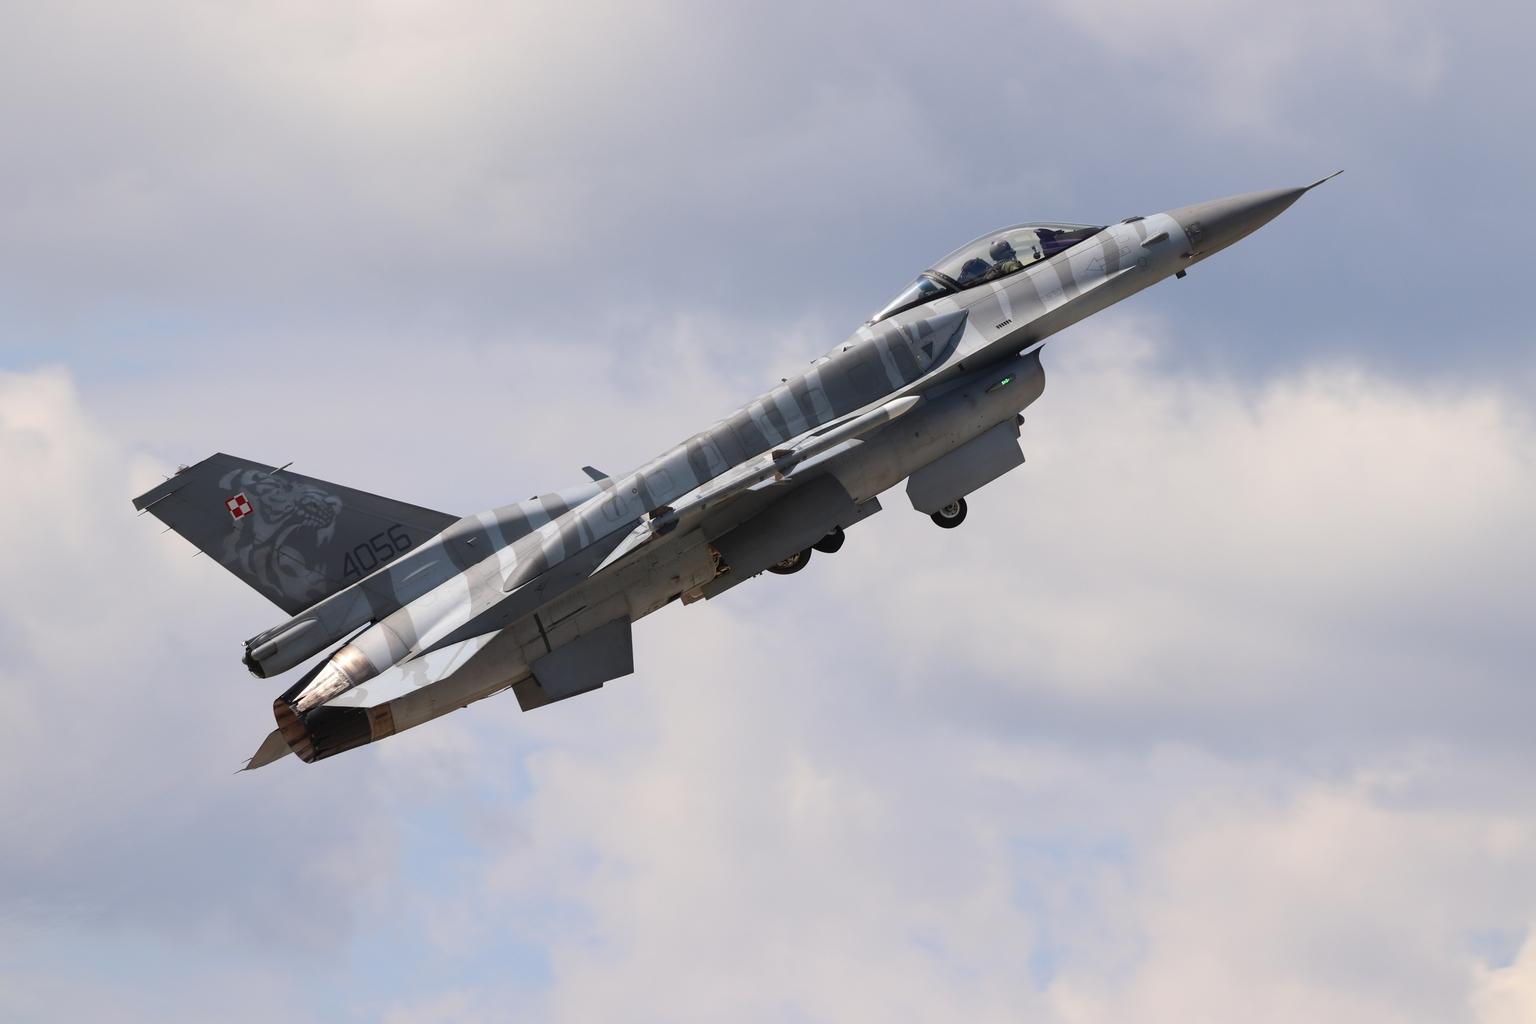 A Tiger Demo Team Poland bemutatócsapat F-16C vadászgépe felszállás közben a szliácsi SIAF 2019 repülőnapon #moszkvater